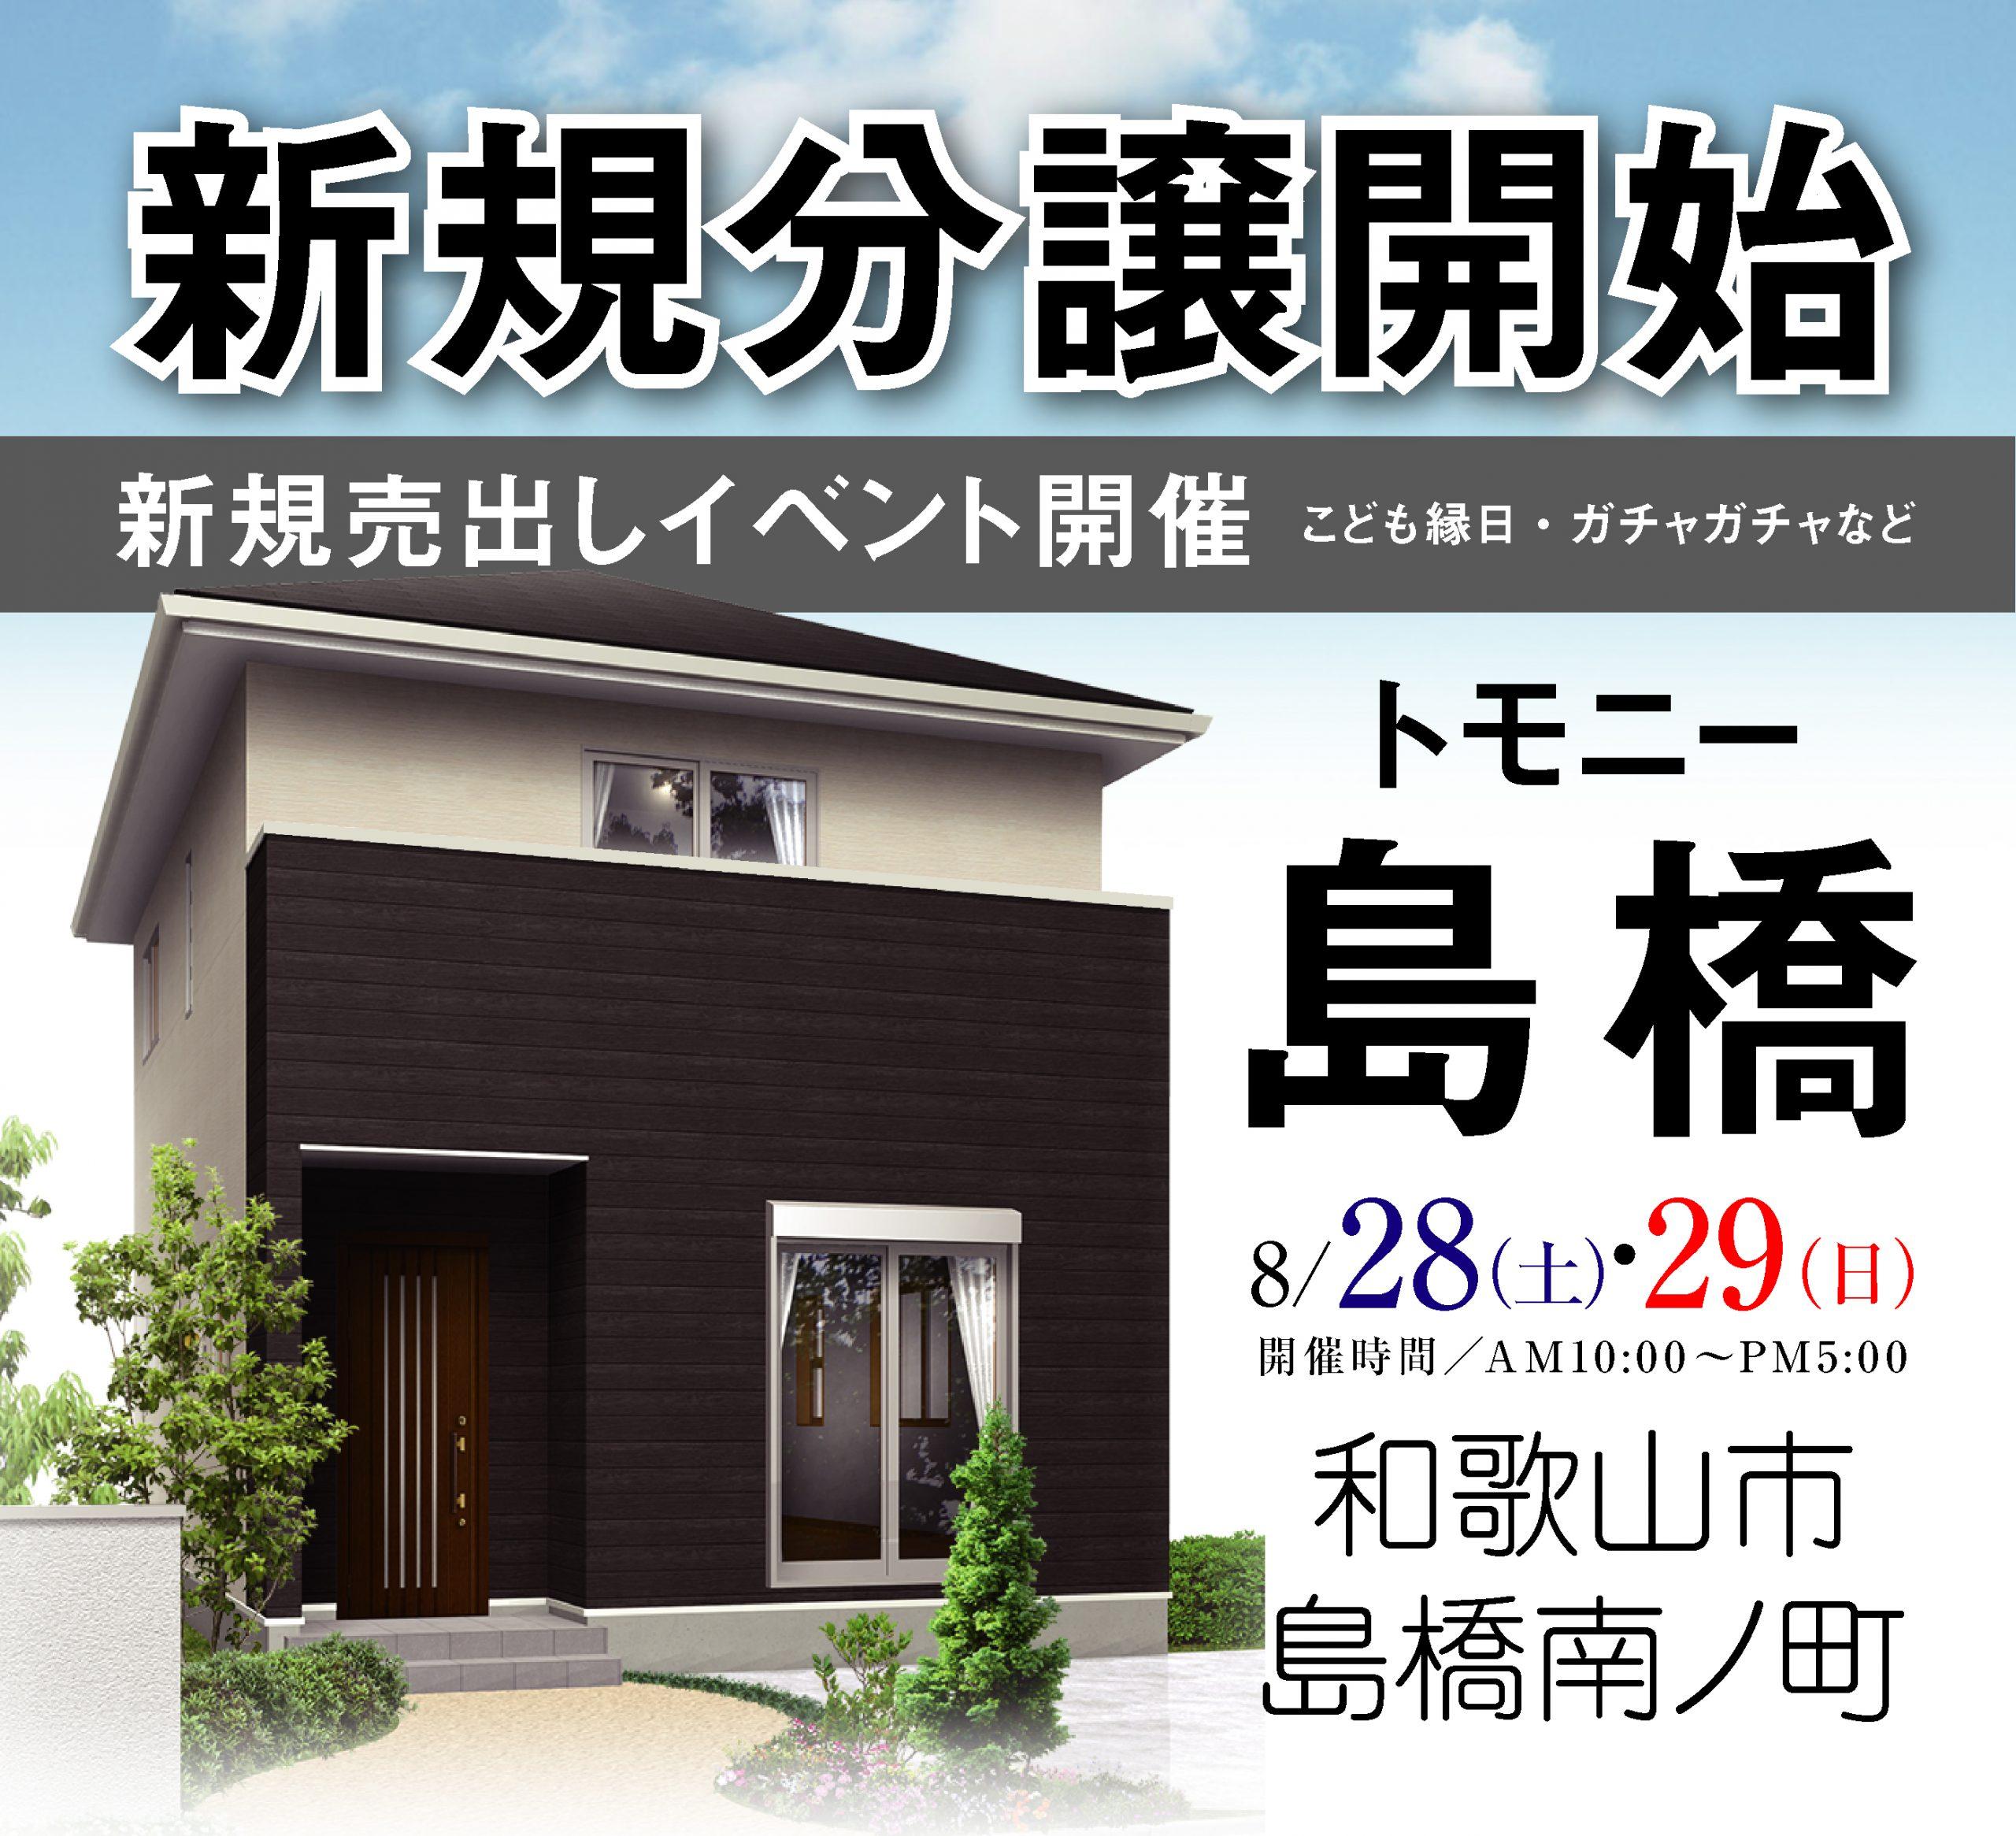 8/28(土)・29(日)和歌山市島橋にて新規分譲イベント開催 ー終了しましたー